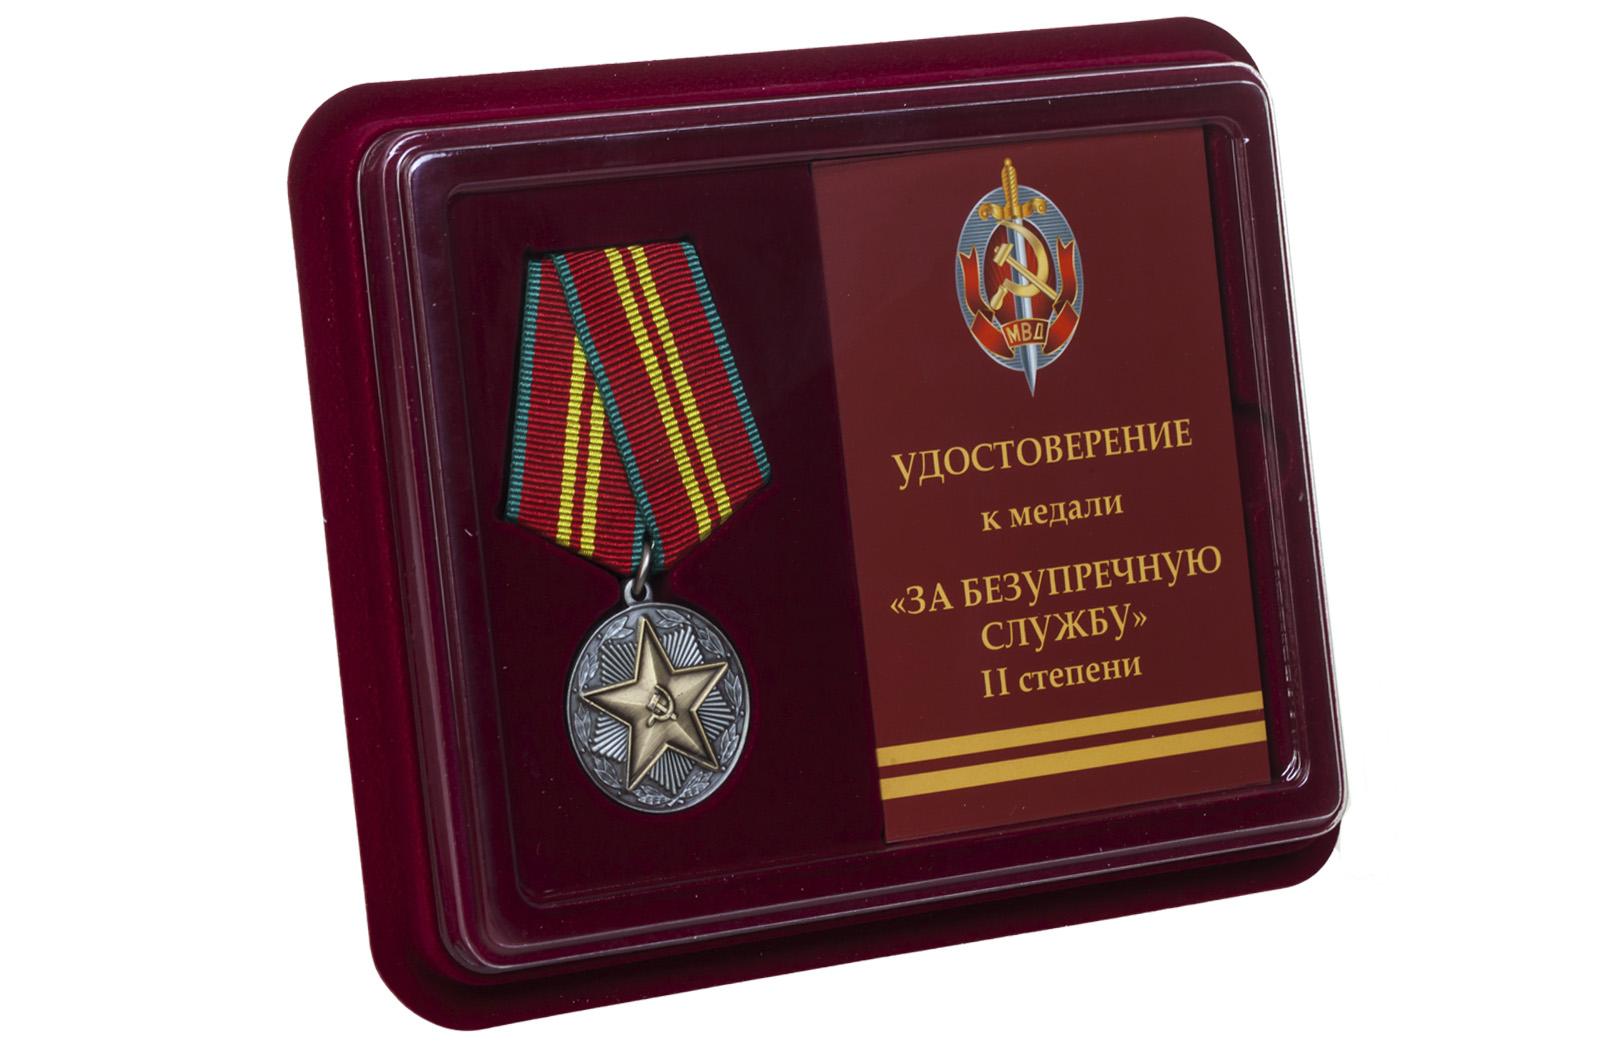 Купить медаль МВД За безупречную службу 2 степени выгодно с доставкой